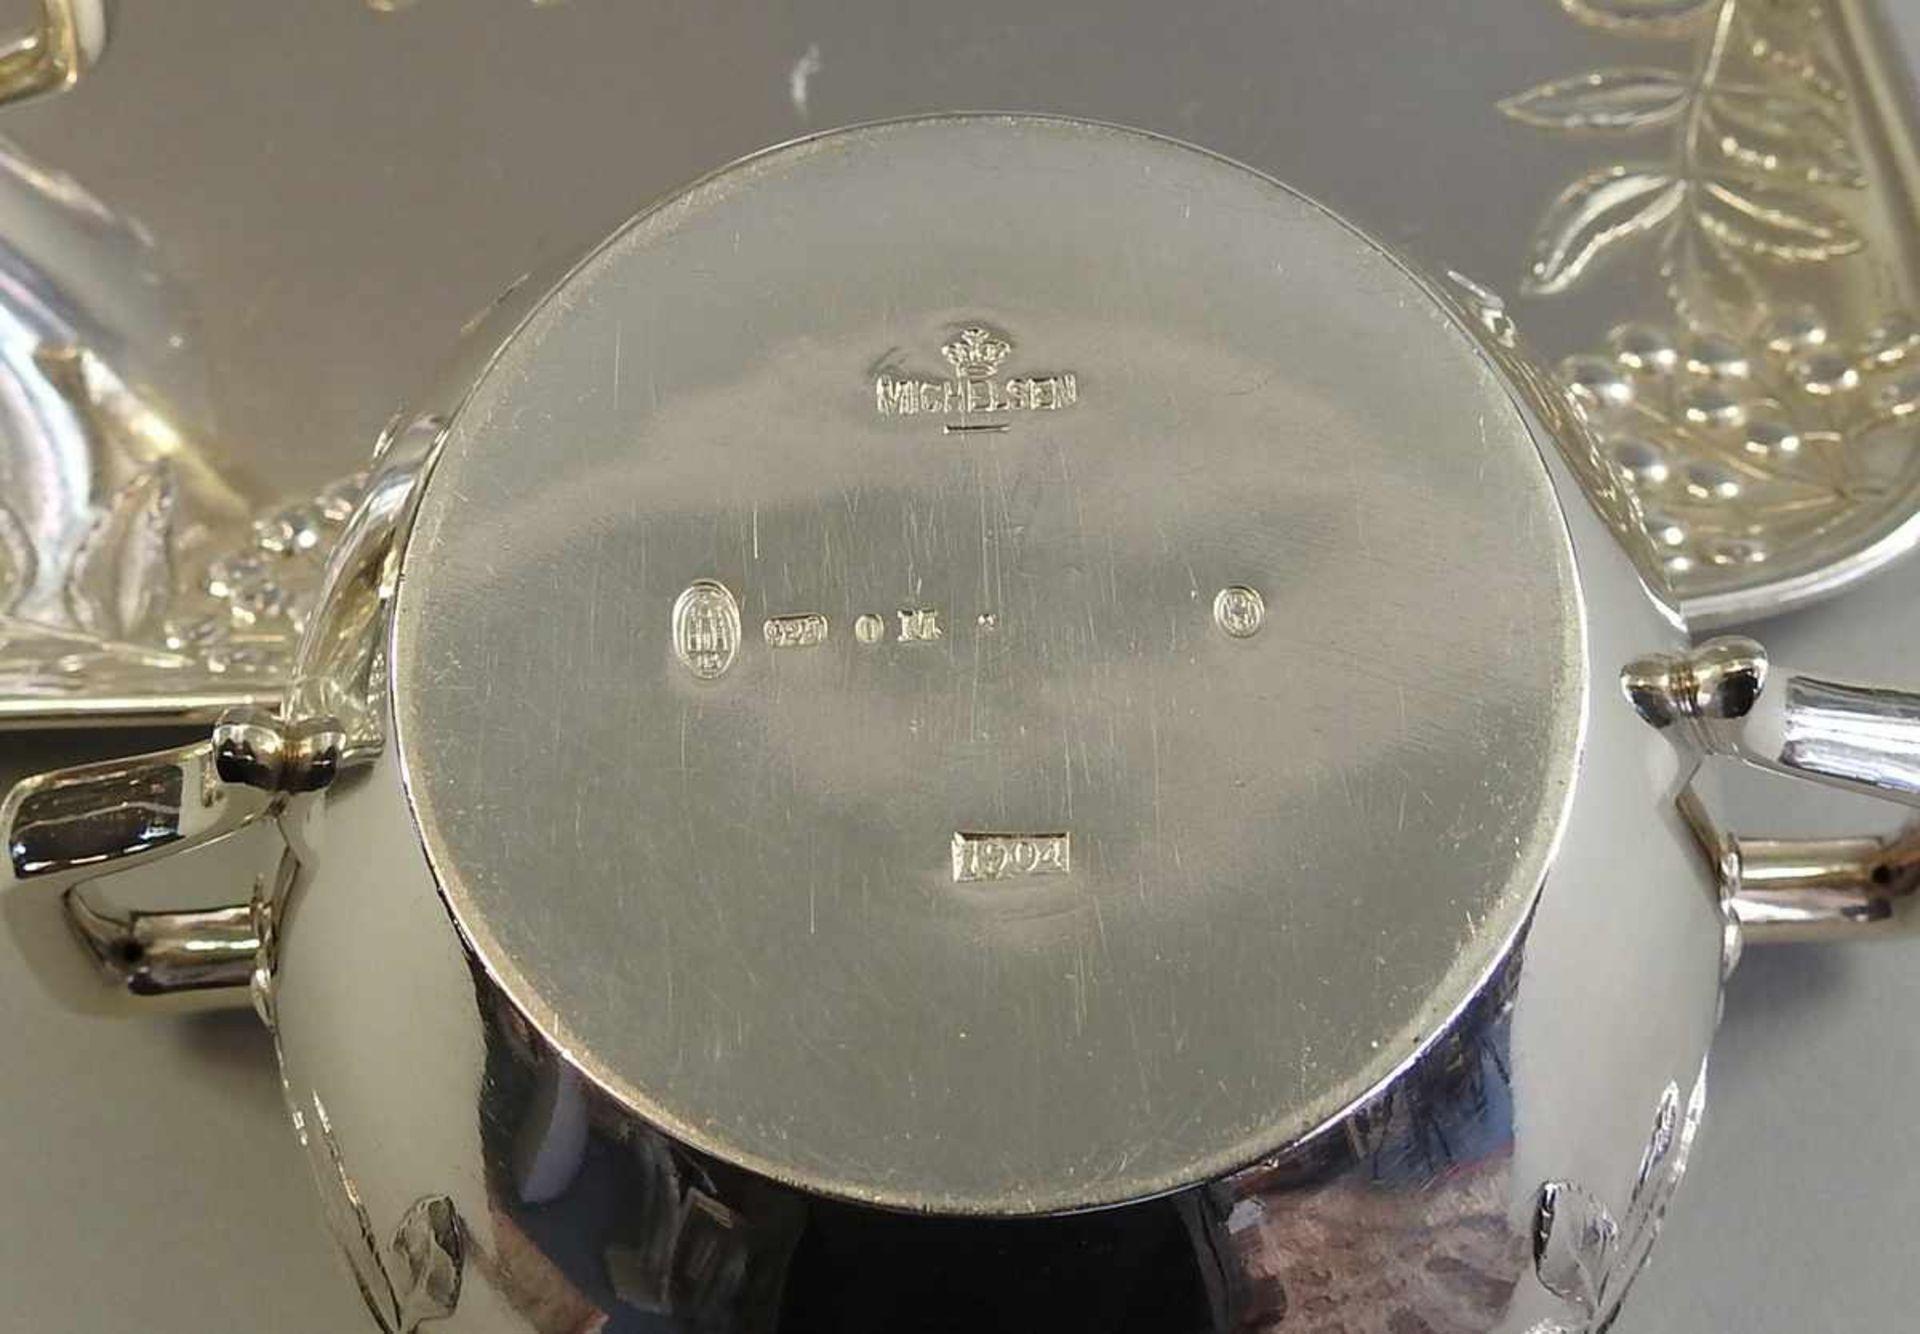 Los 9 - Prunkvolles Kaffeeservice auf Présentoir Silber Sterling 925, jeweils punziert am Boden und am